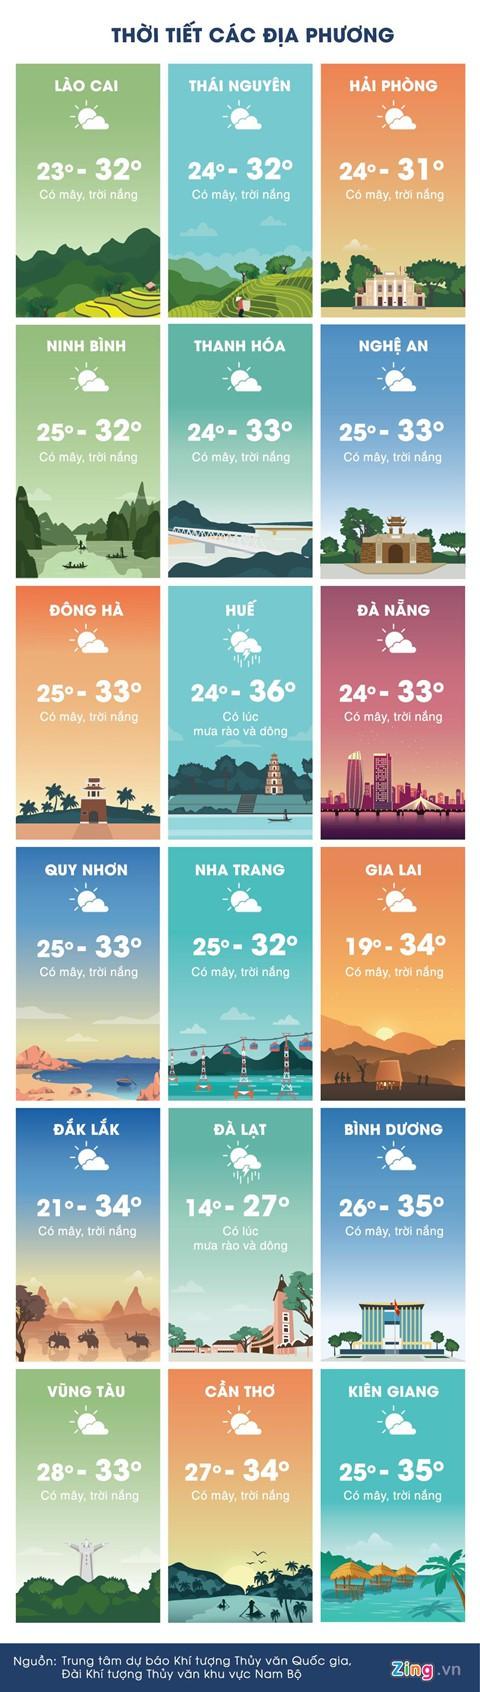 Thời tiết ngày 9/4: Hà Nội, Sài Gòn đều nắng nóng - Ảnh 3.